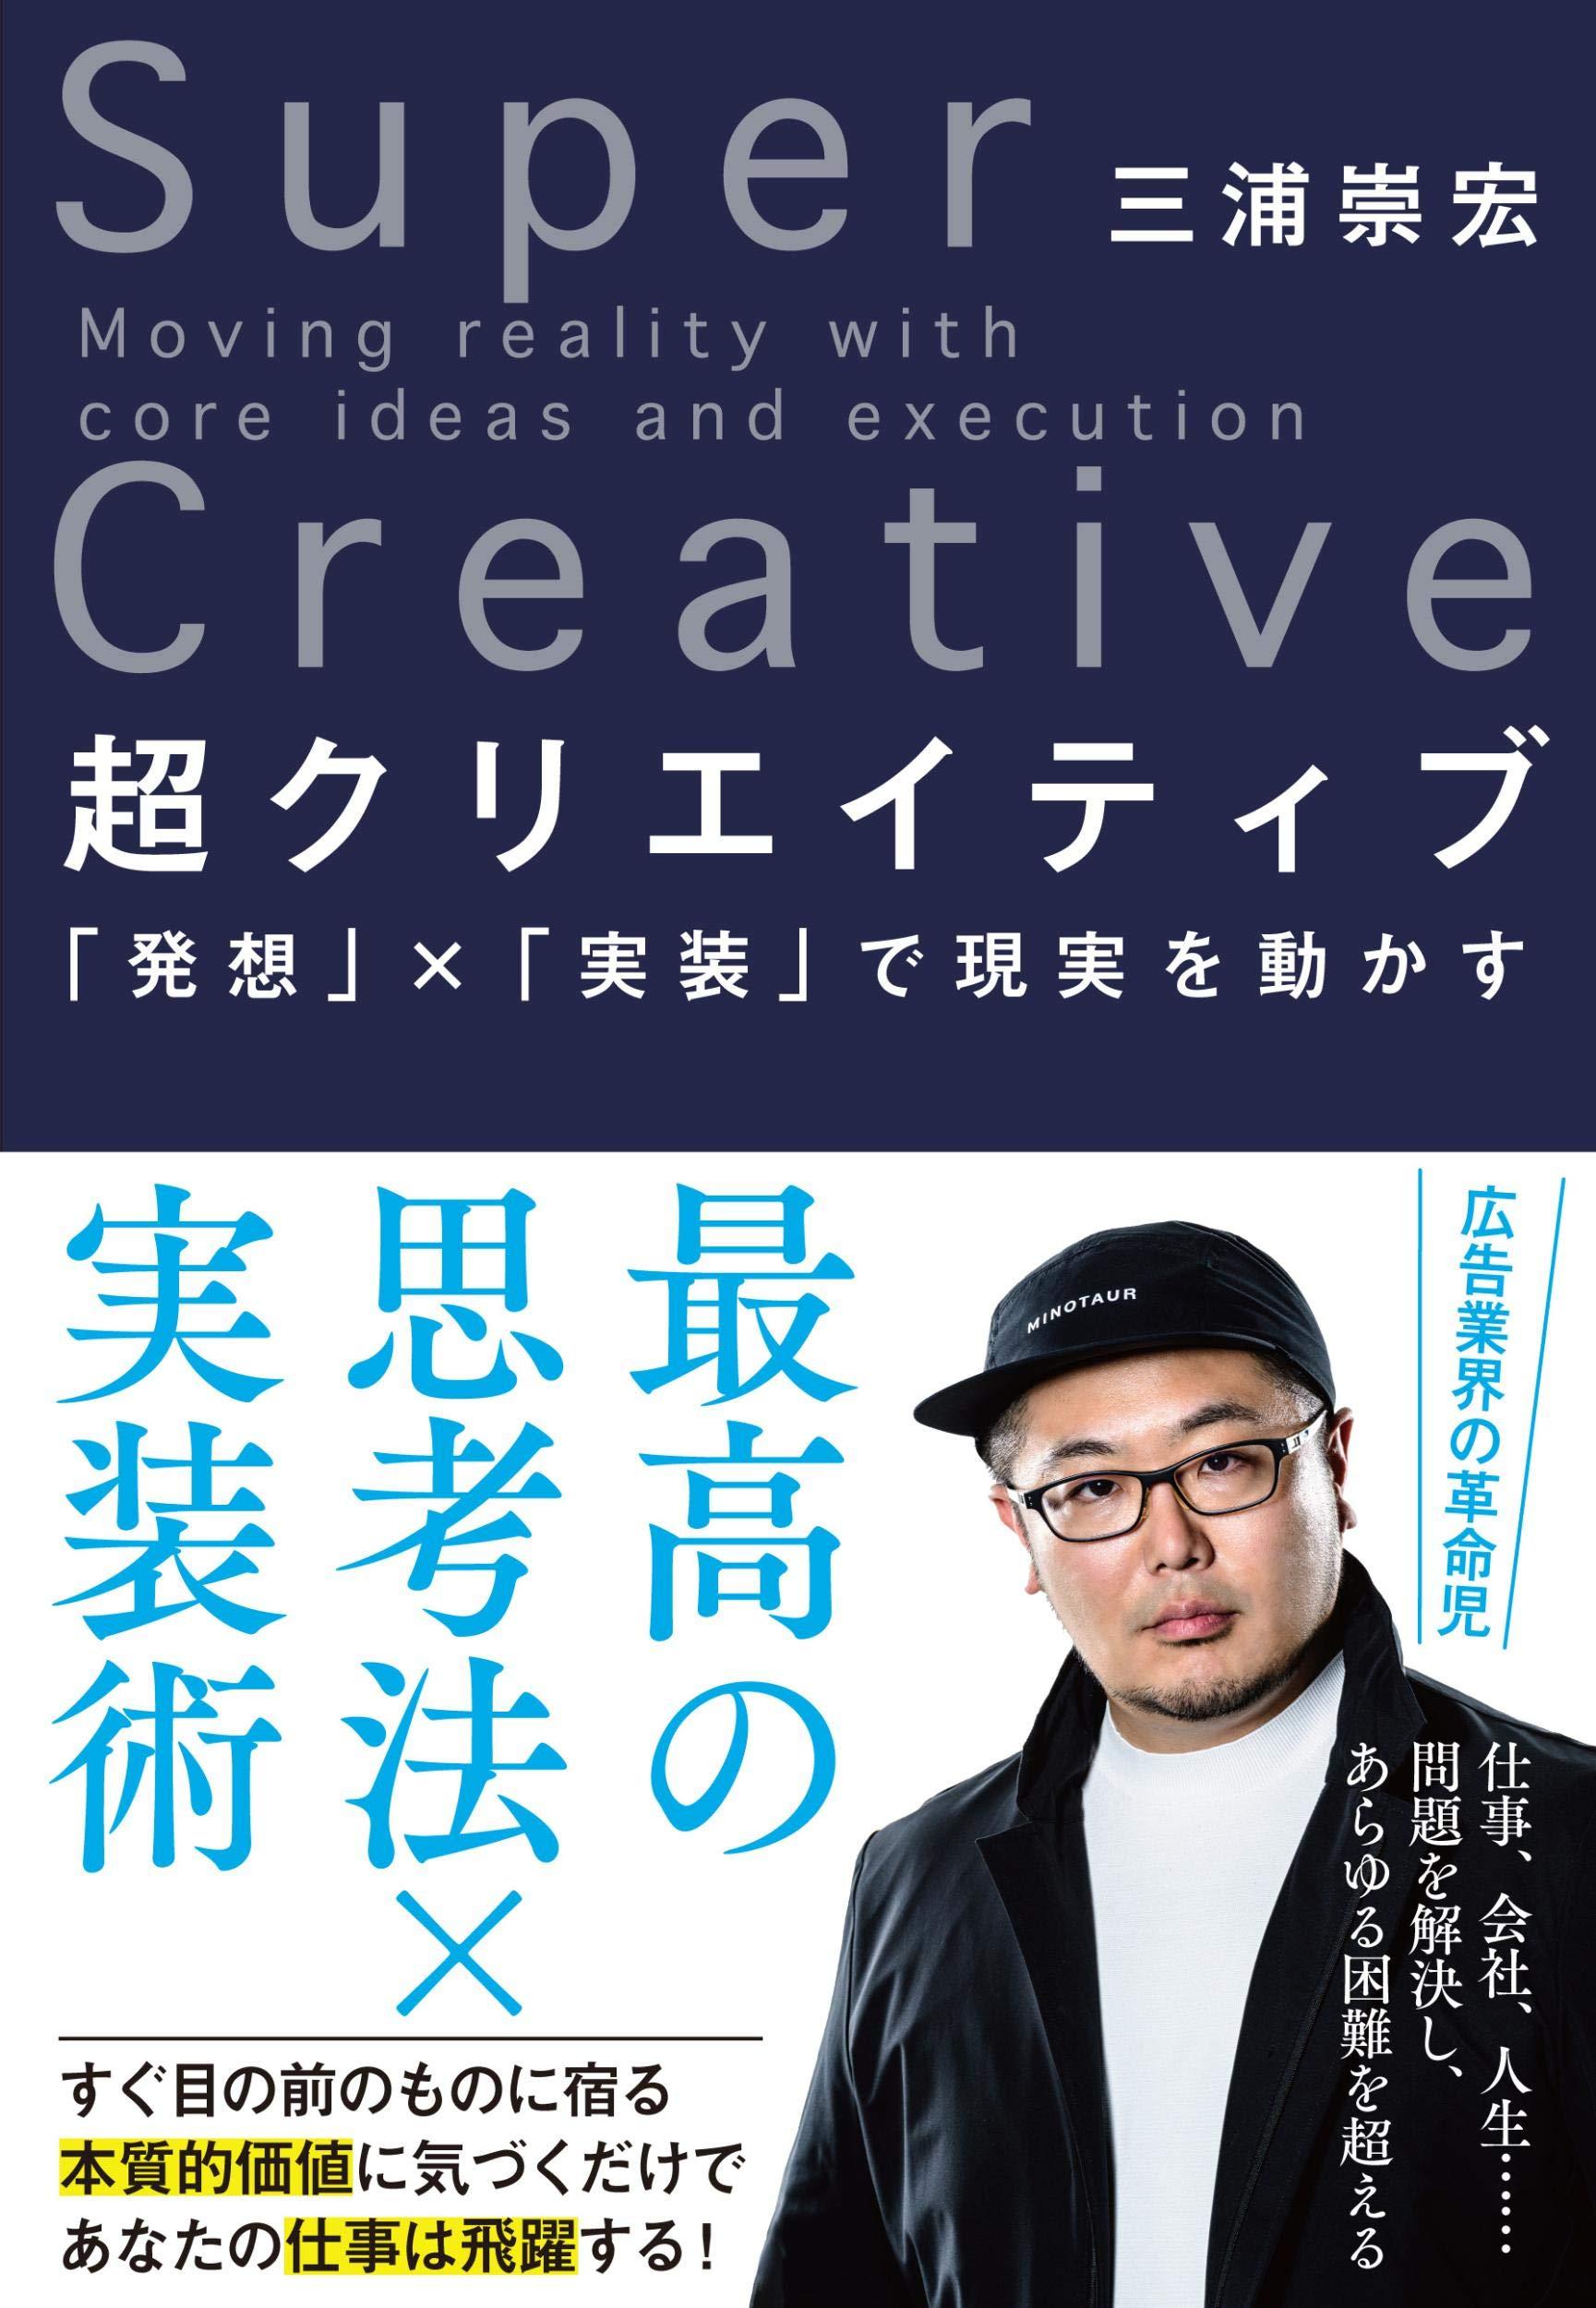 三浦崇宏(2020)『超クリエイティブ 「発想」×「実装」で現実を動かす』文藝春秋